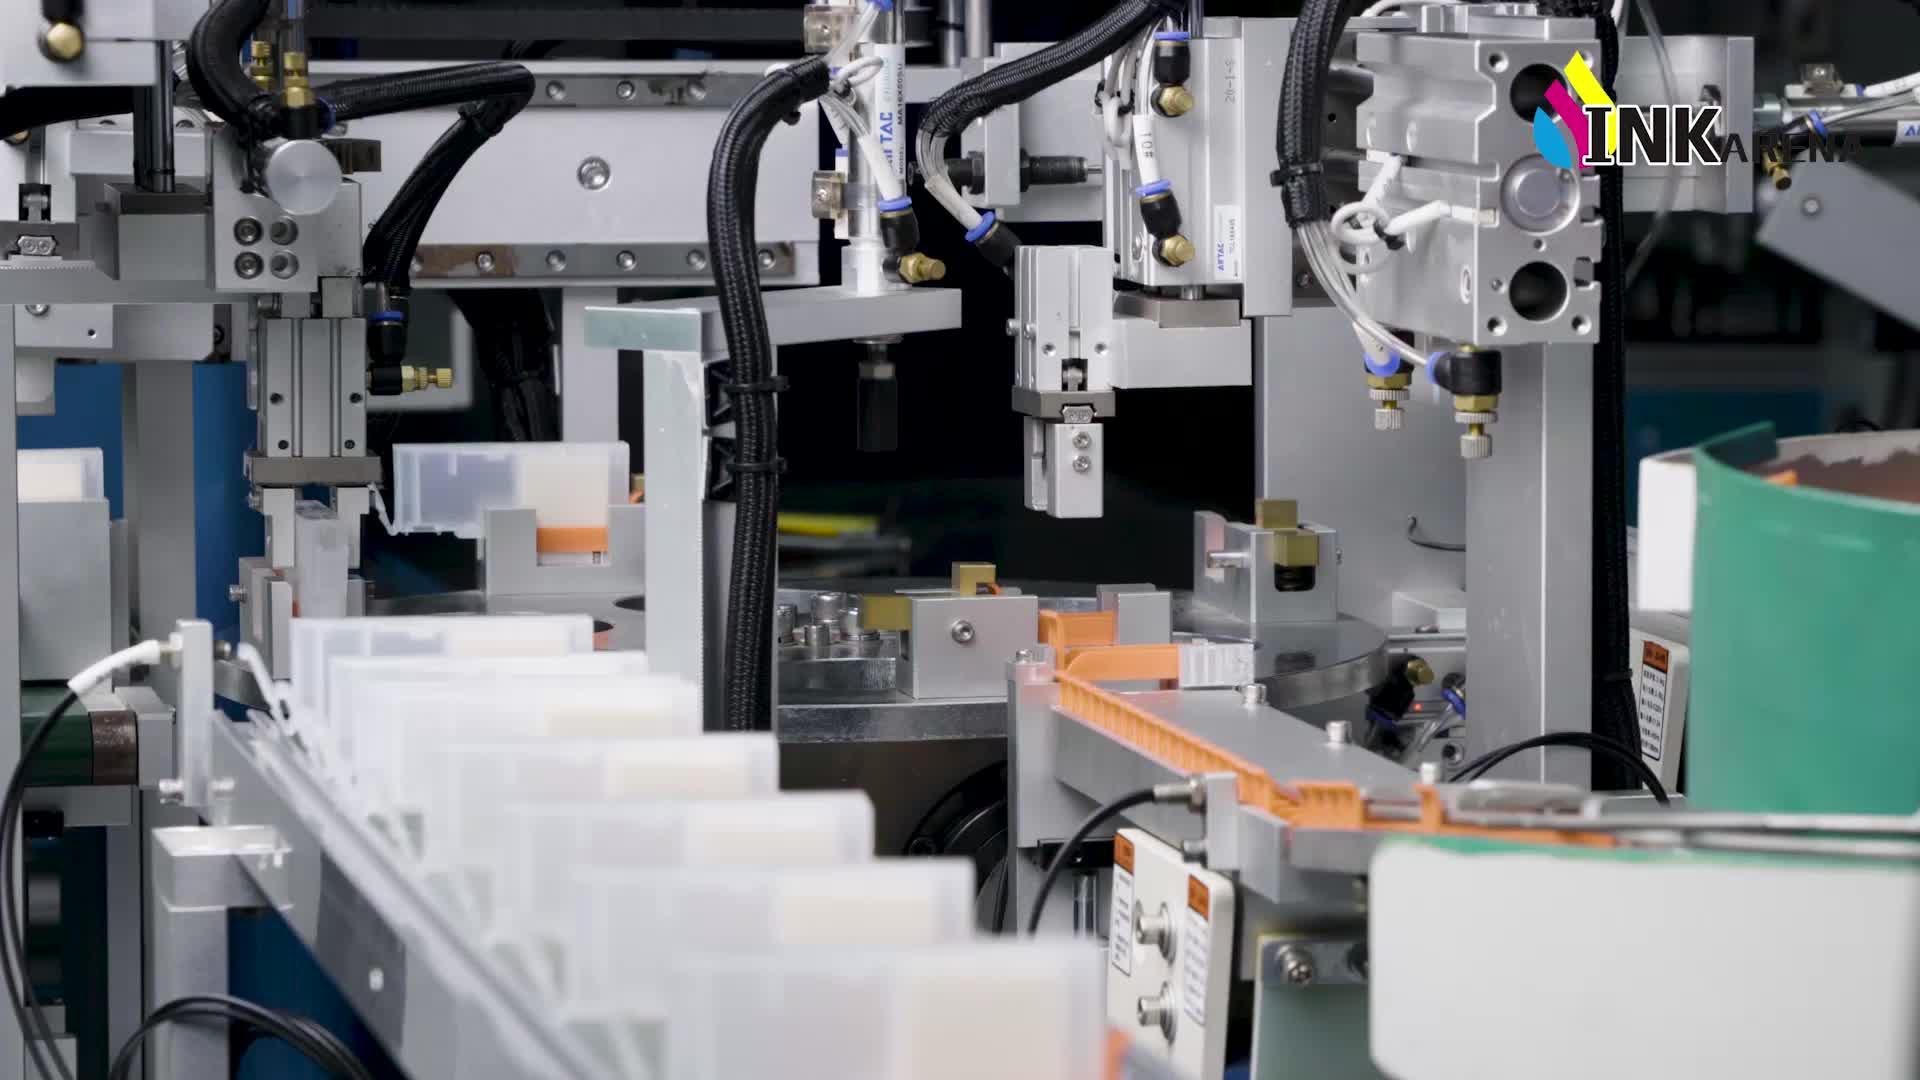 INKARENA 564 XL Cartucho de Tinta de Impressora Substituição Para HP564 Photosmart 6510 6512 6515 6520 7510 7515 7520 Impressoras Preço de Fábrica